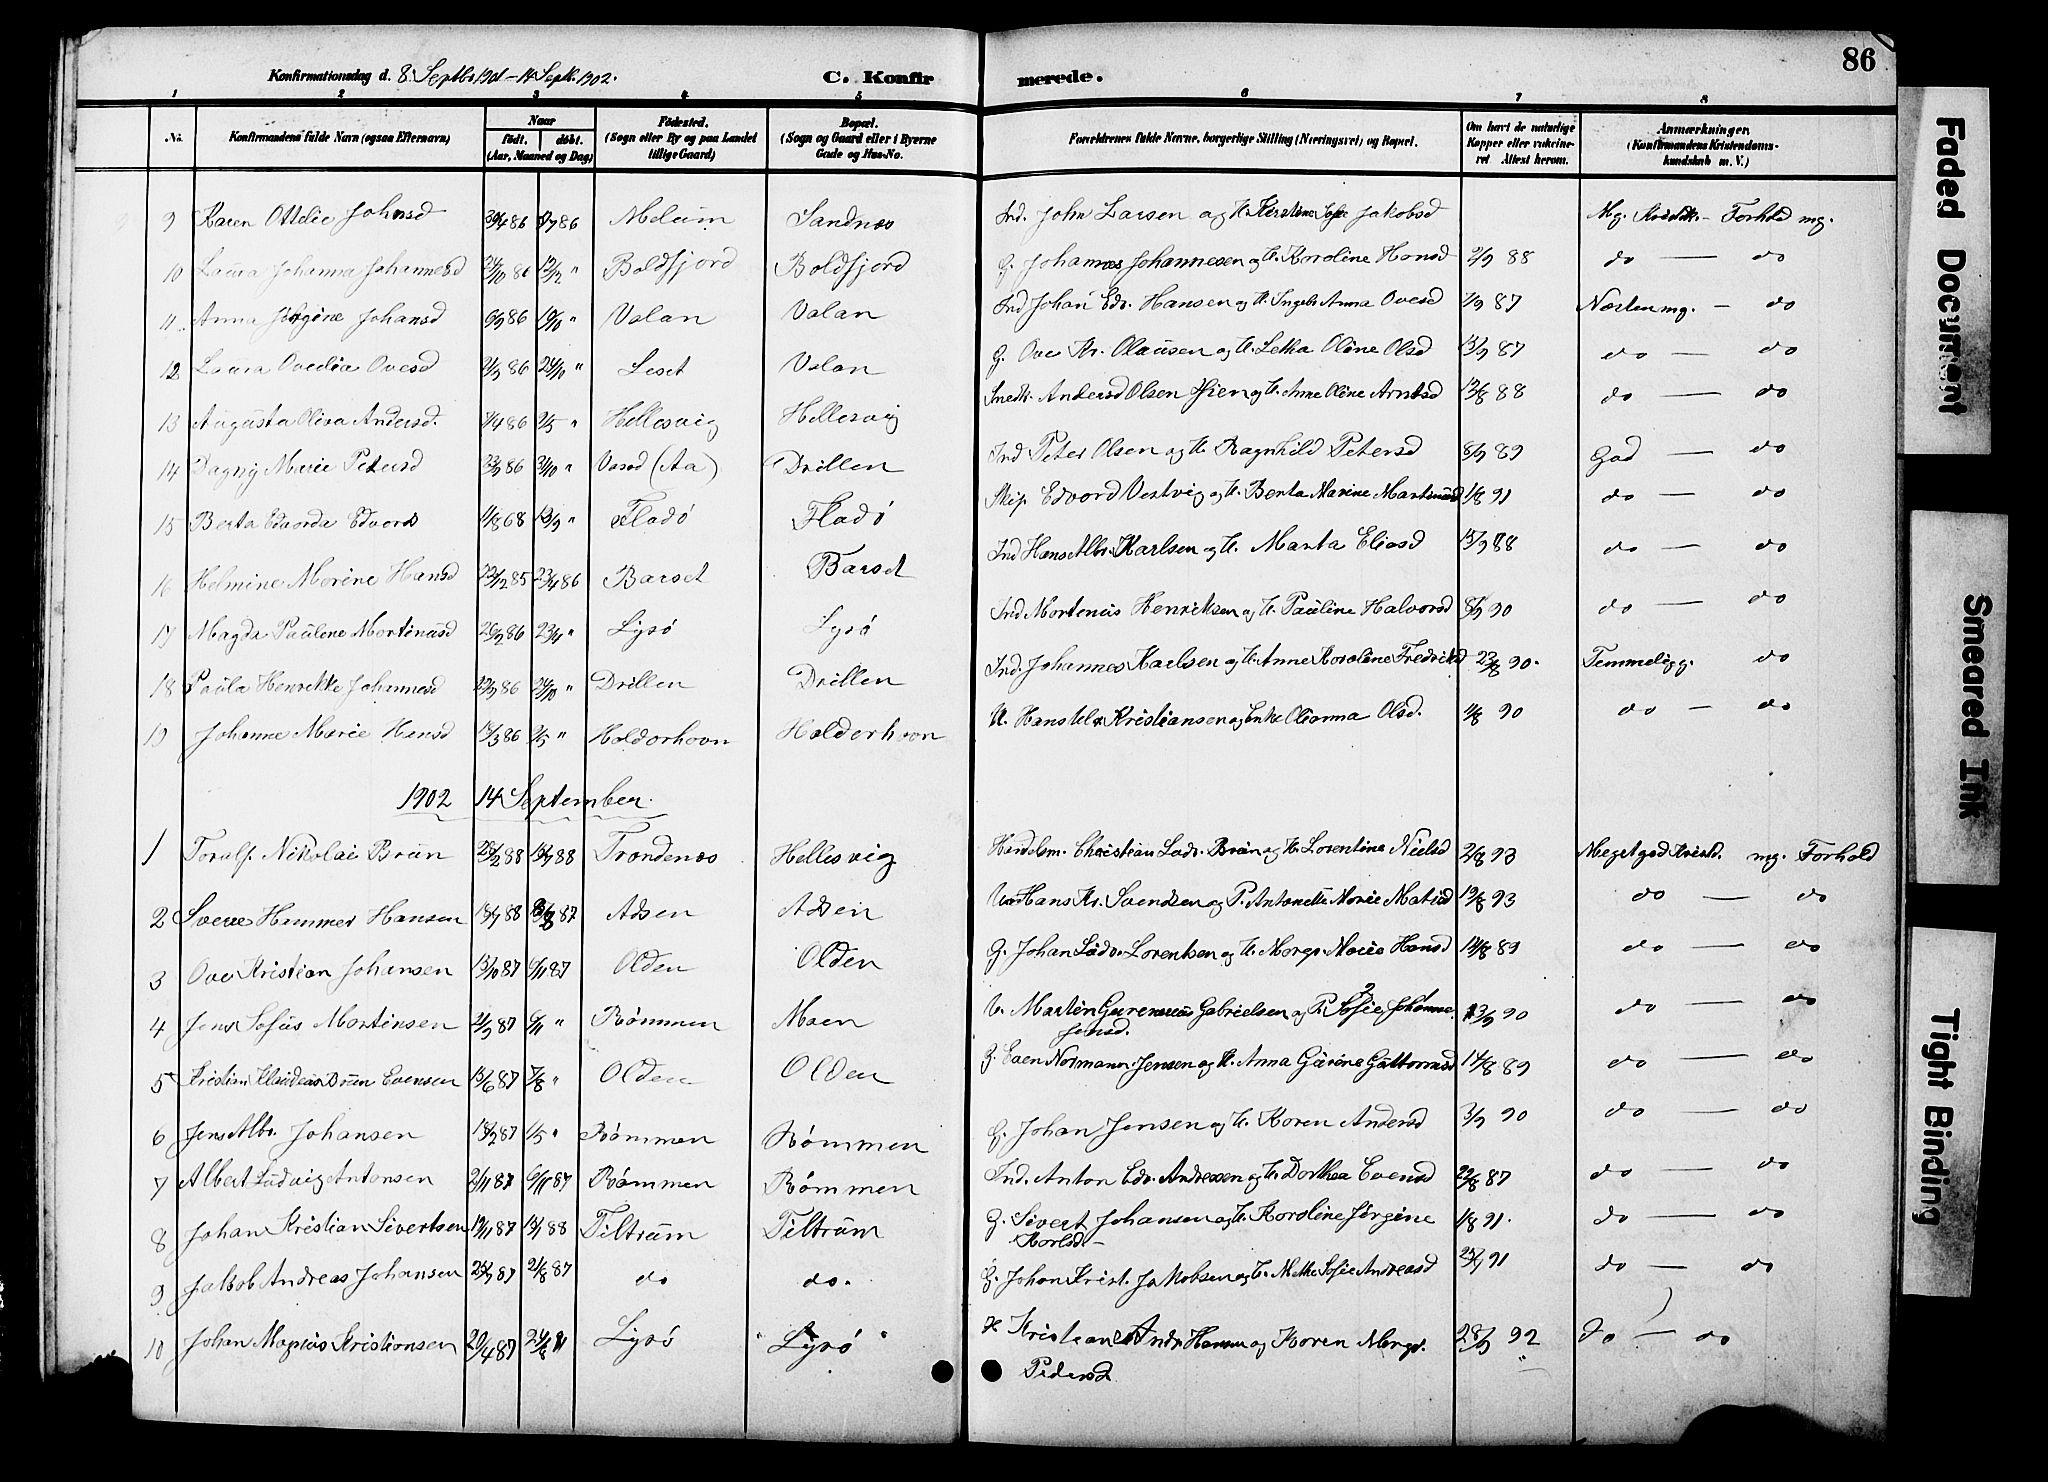 SAT, Ministerialprotokoller, klokkerbøker og fødselsregistre - Sør-Trøndelag, 654/L0666: Klokkerbok nr. 654C02, 1901-1925, s. 86